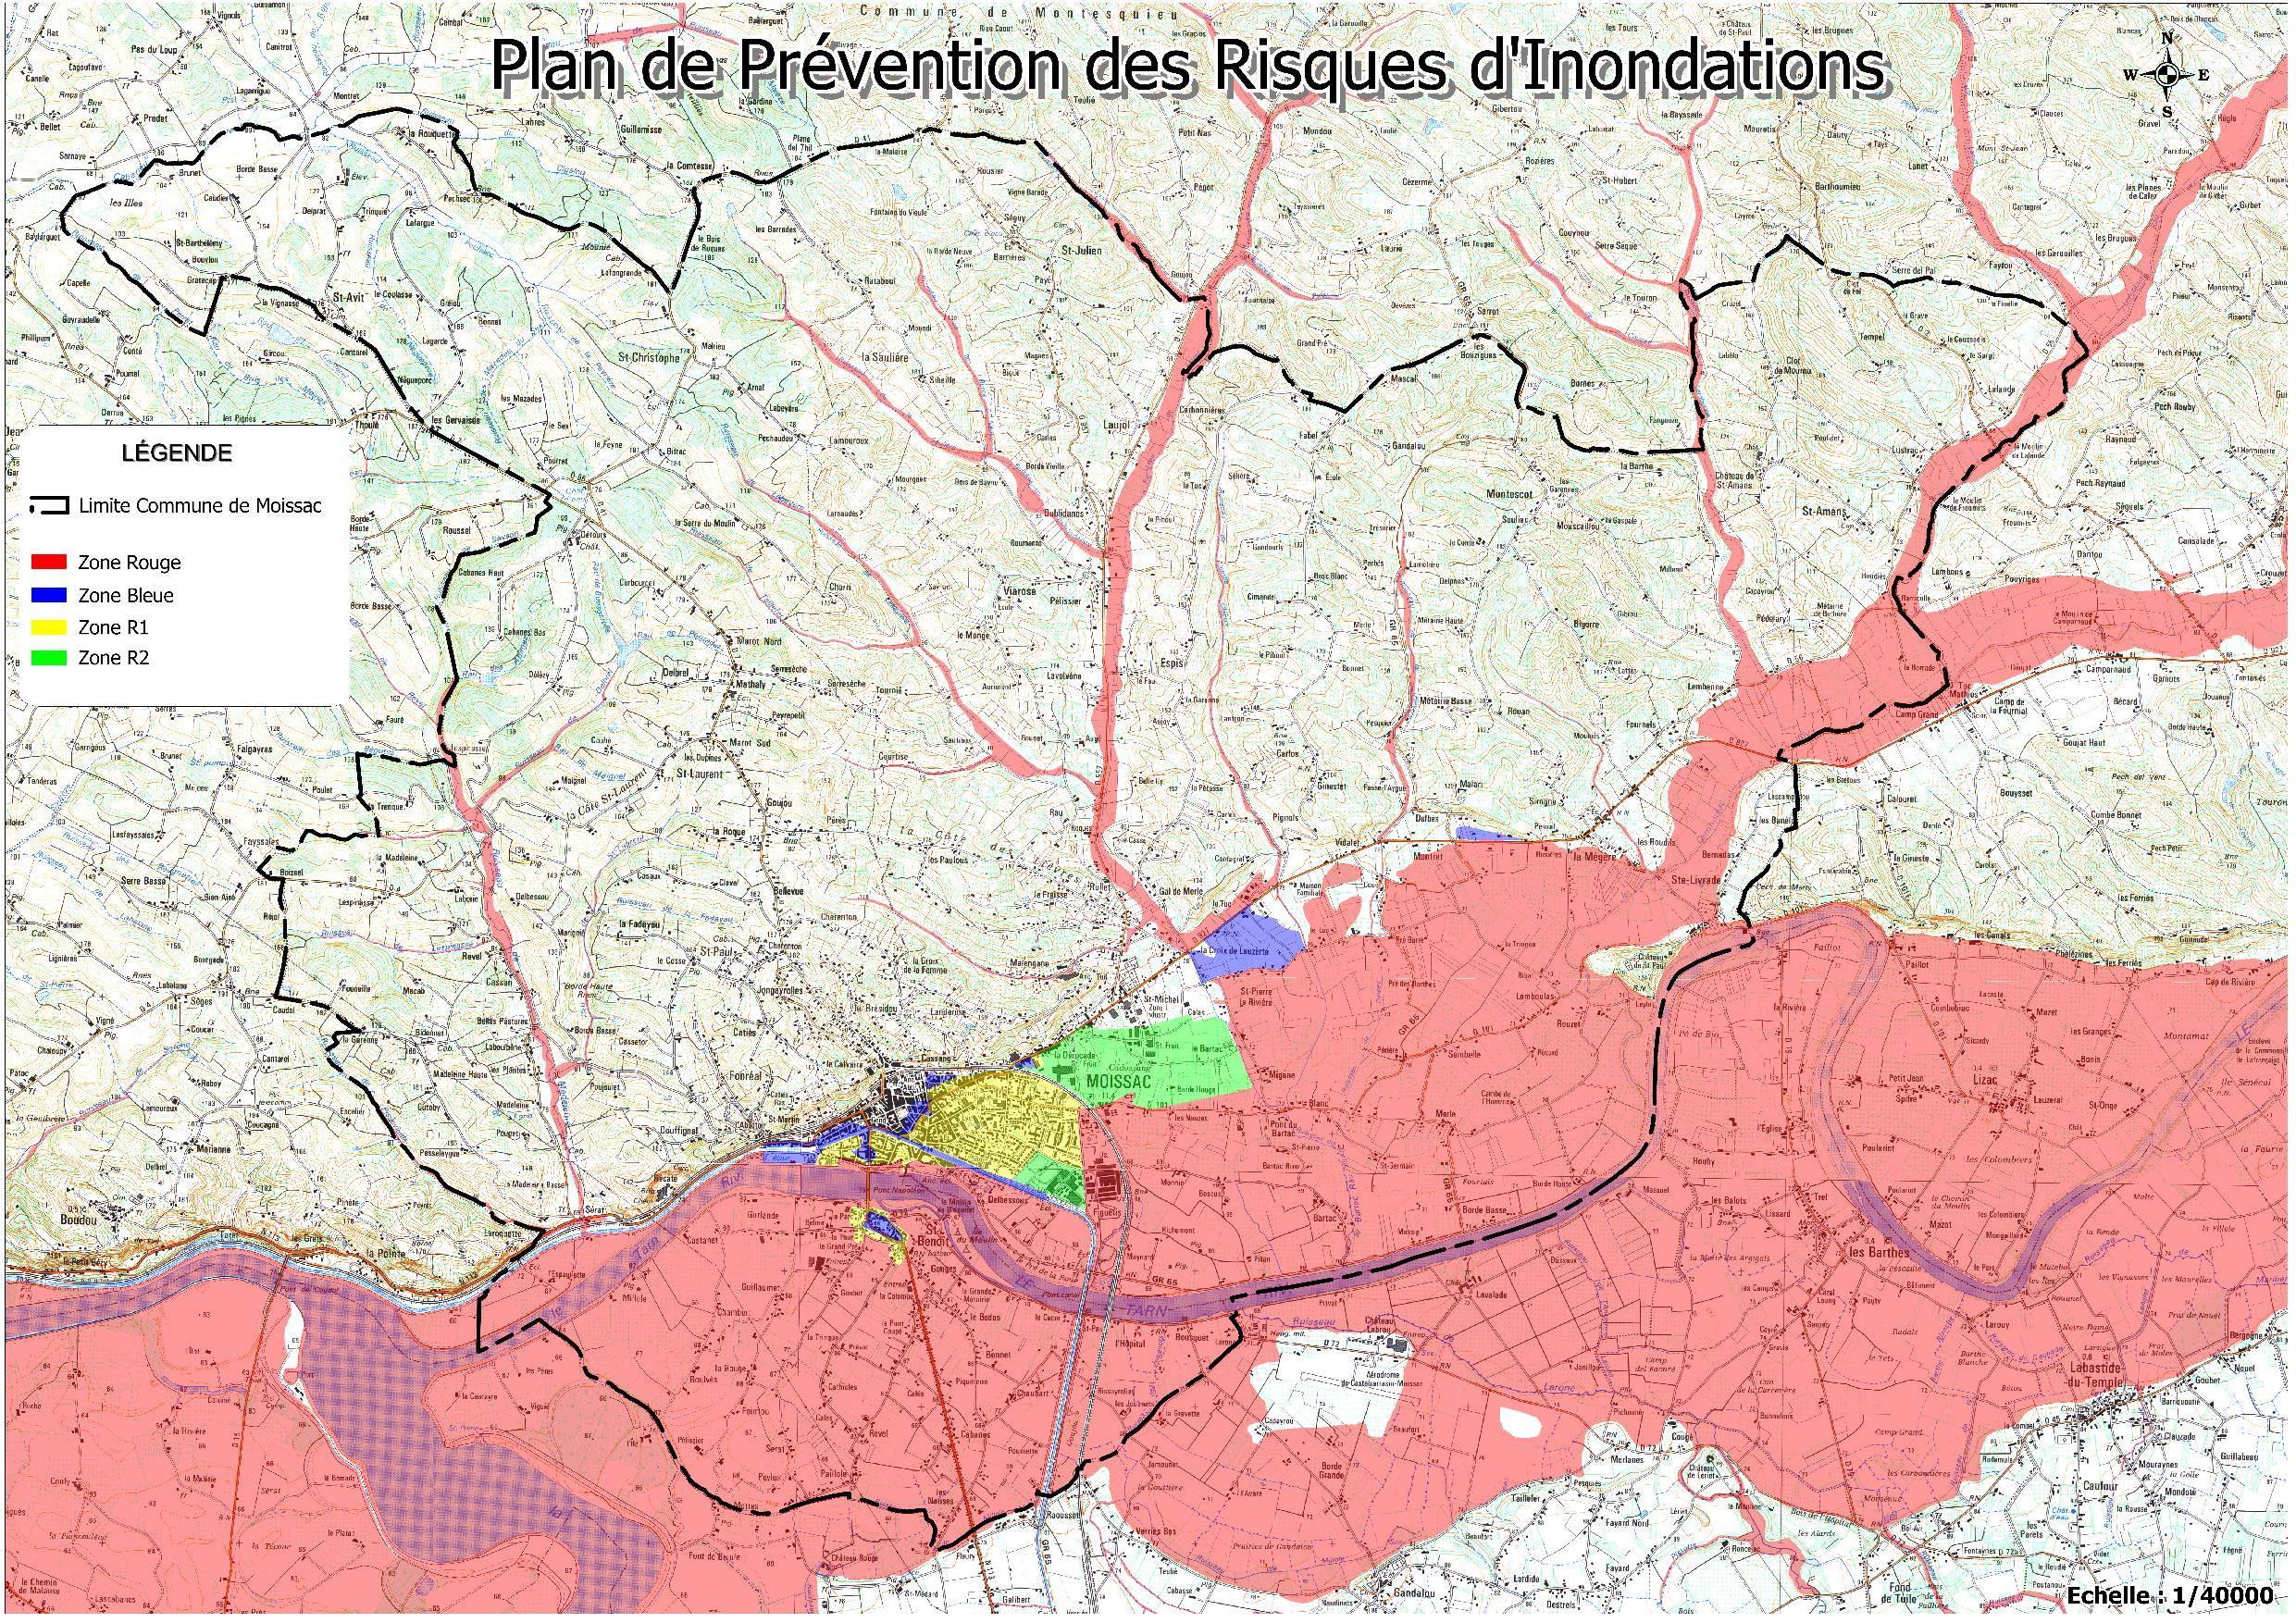 Plan de pr vention des risques d 39 inondation ville de moissac for Plan de prevention des risques entreprises exterieures